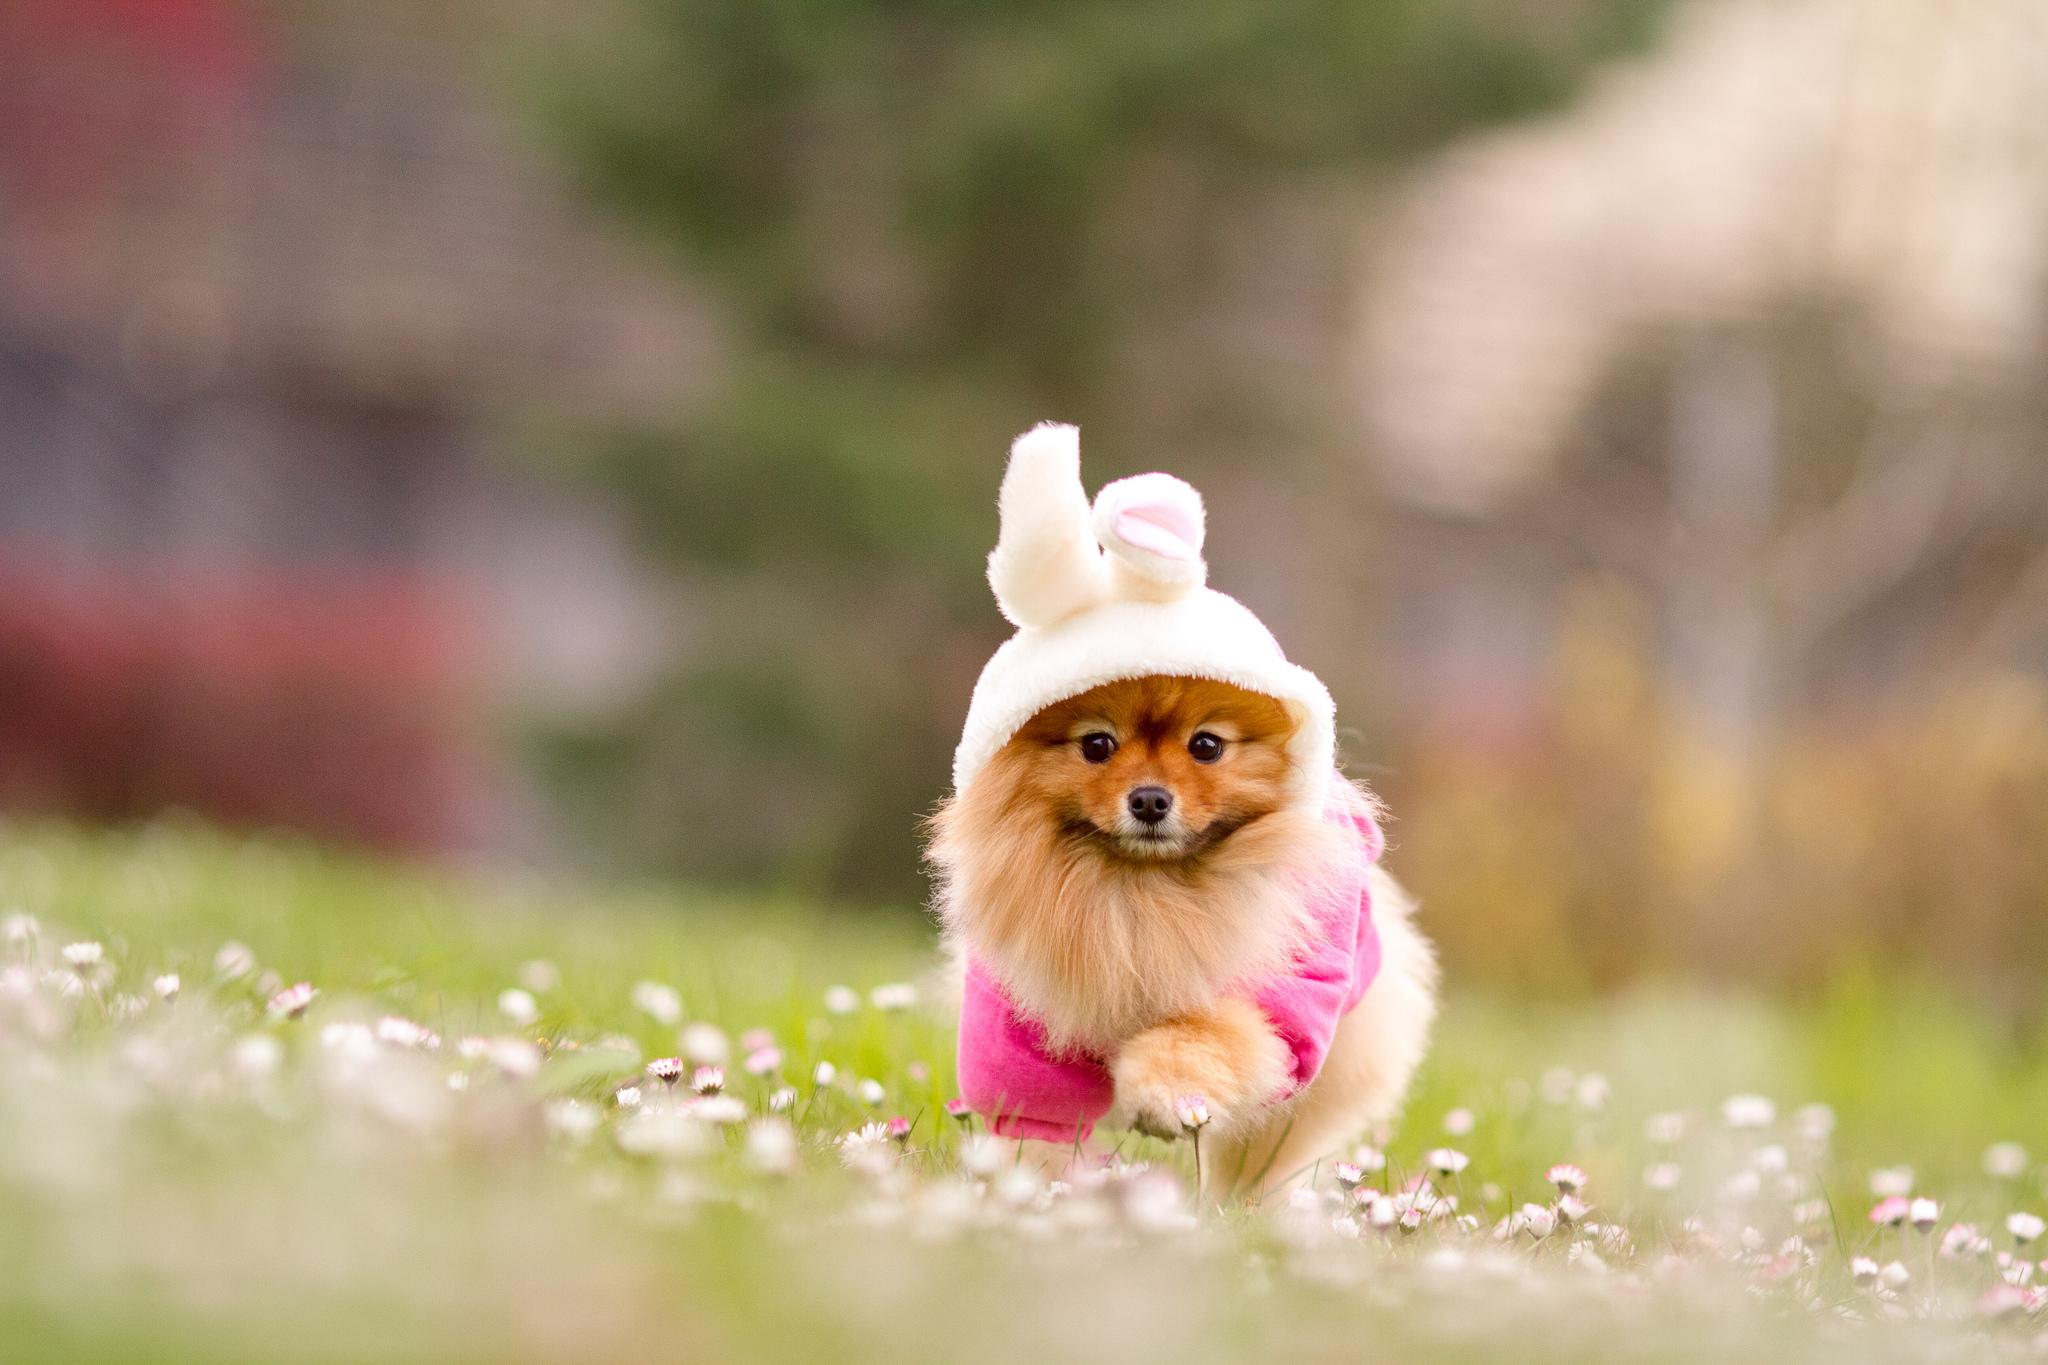 картинка собачка в одежде